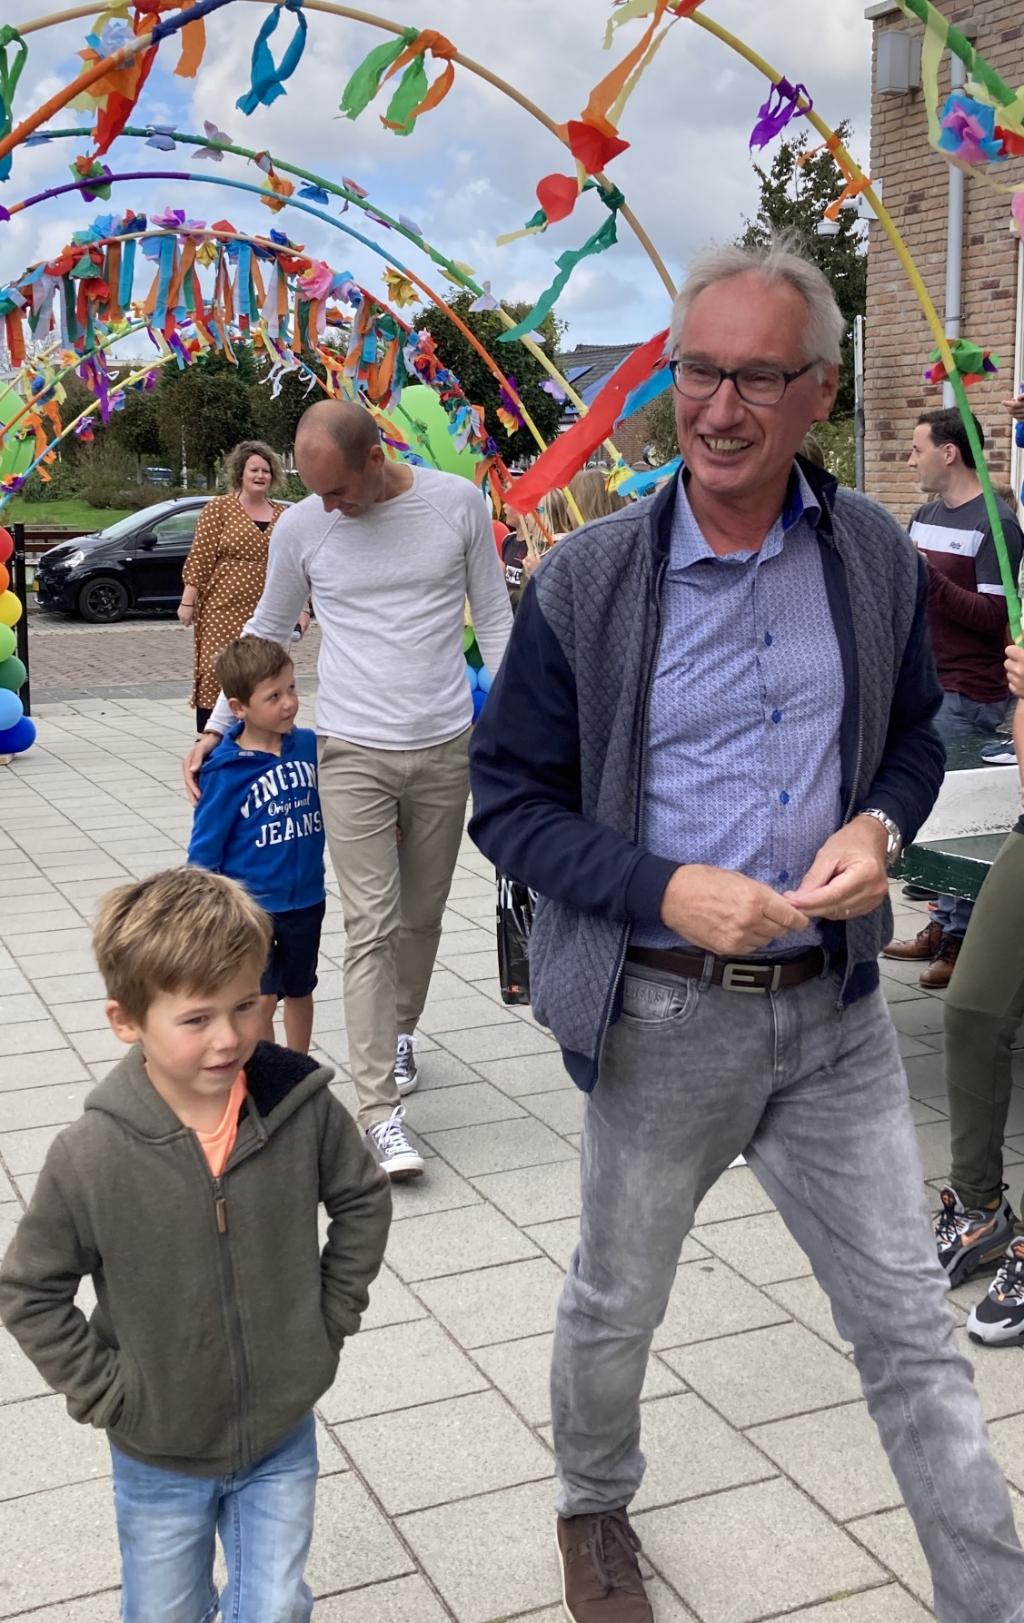 Meester en toneel auteur Rob Maayen bij zijn afscheid van de Andreasschool   Foto: PR  Foto:  © uitgeverij Verhagen